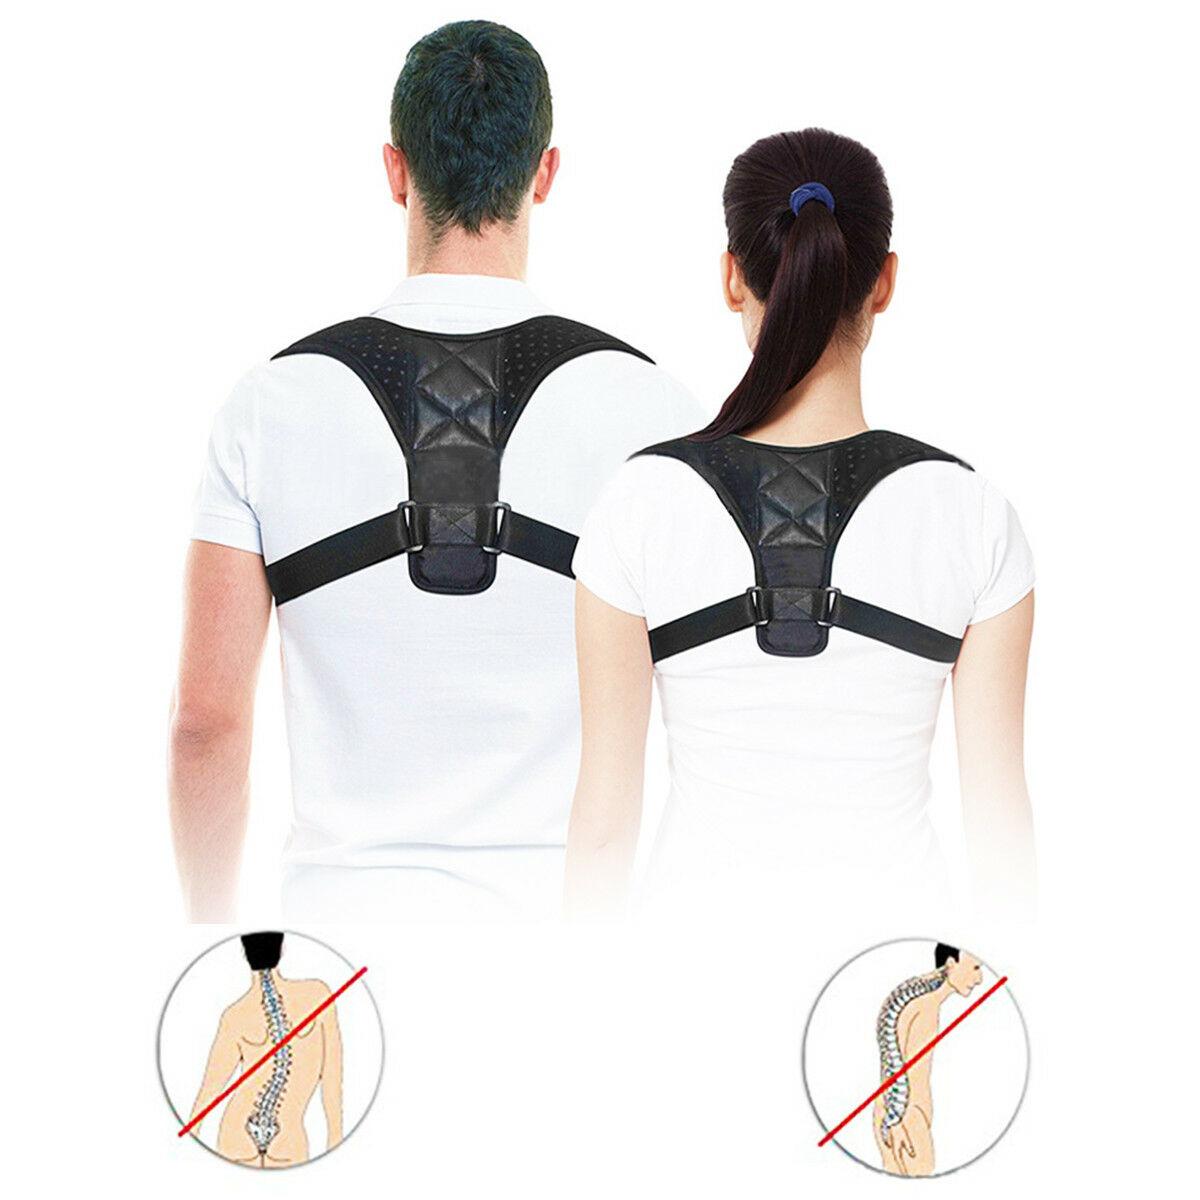 2019 Hot Adult Children Body Wellness Posture Corrector Support Adjustable Corset Orthopedic Back Shoulder Correct Brace Belt